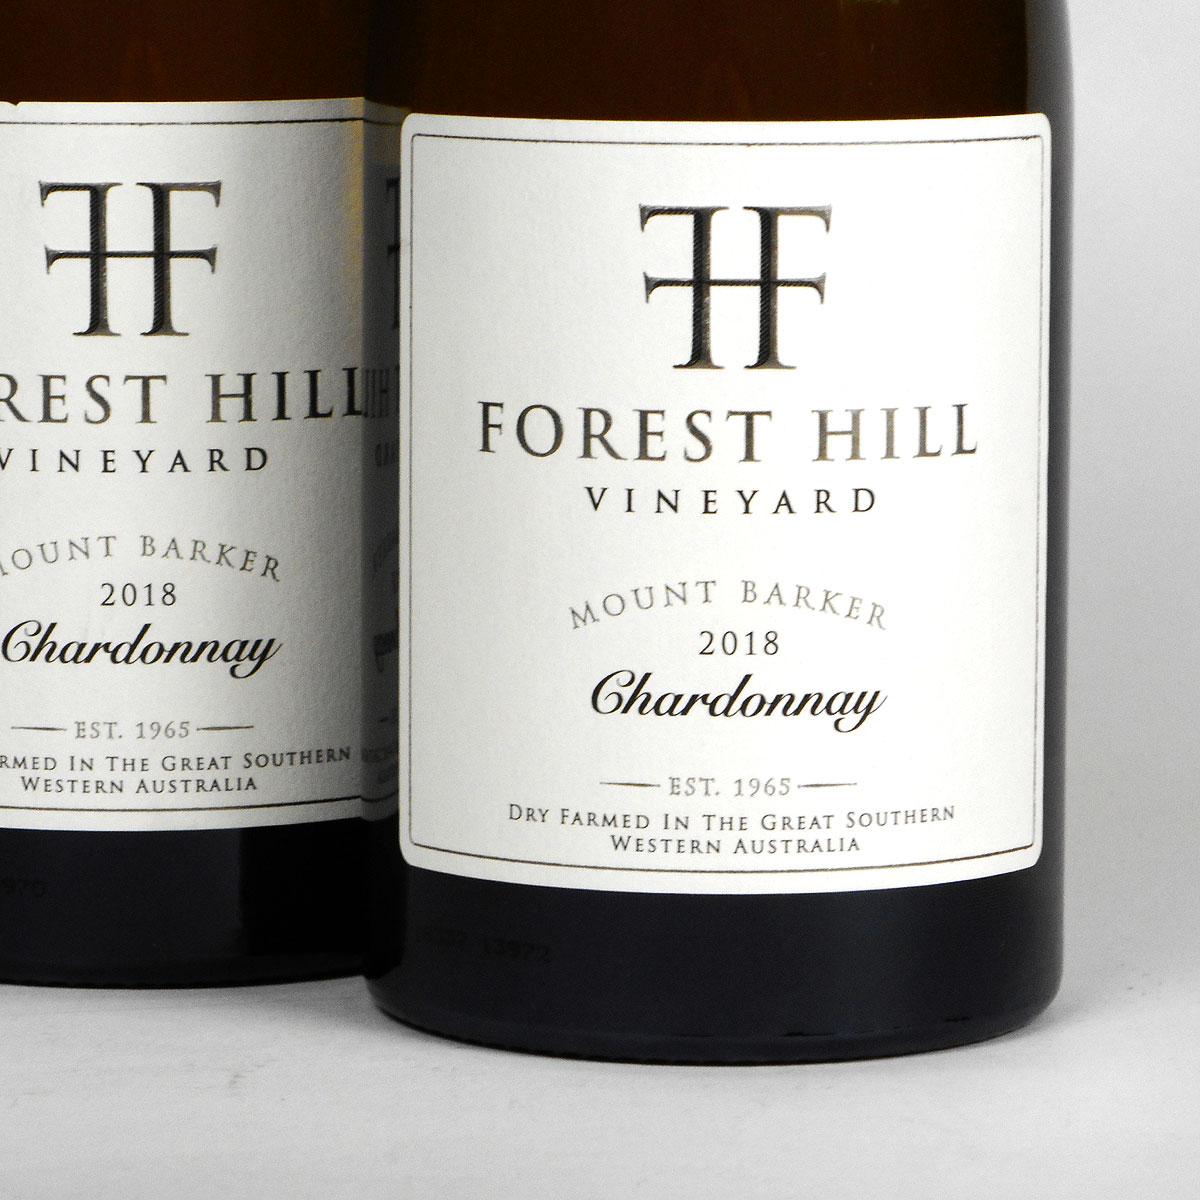 Forest Hill Vineyard: 'Estate' Chardonnay 2018